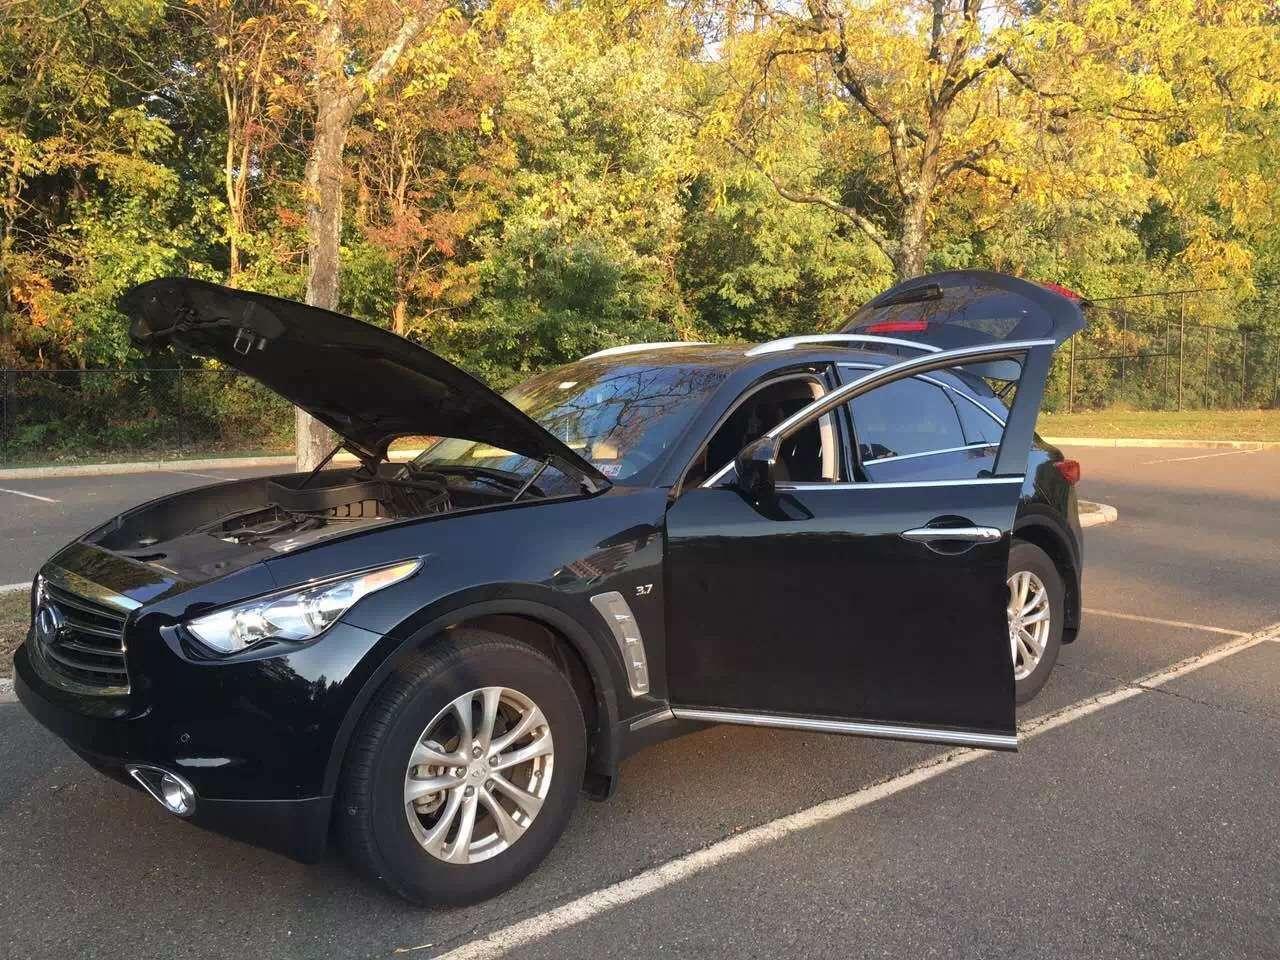 美国买车可以用信用卡吗 2015年 qx70 AWD 导航 倒车 加热座椅 小鲨鱼头